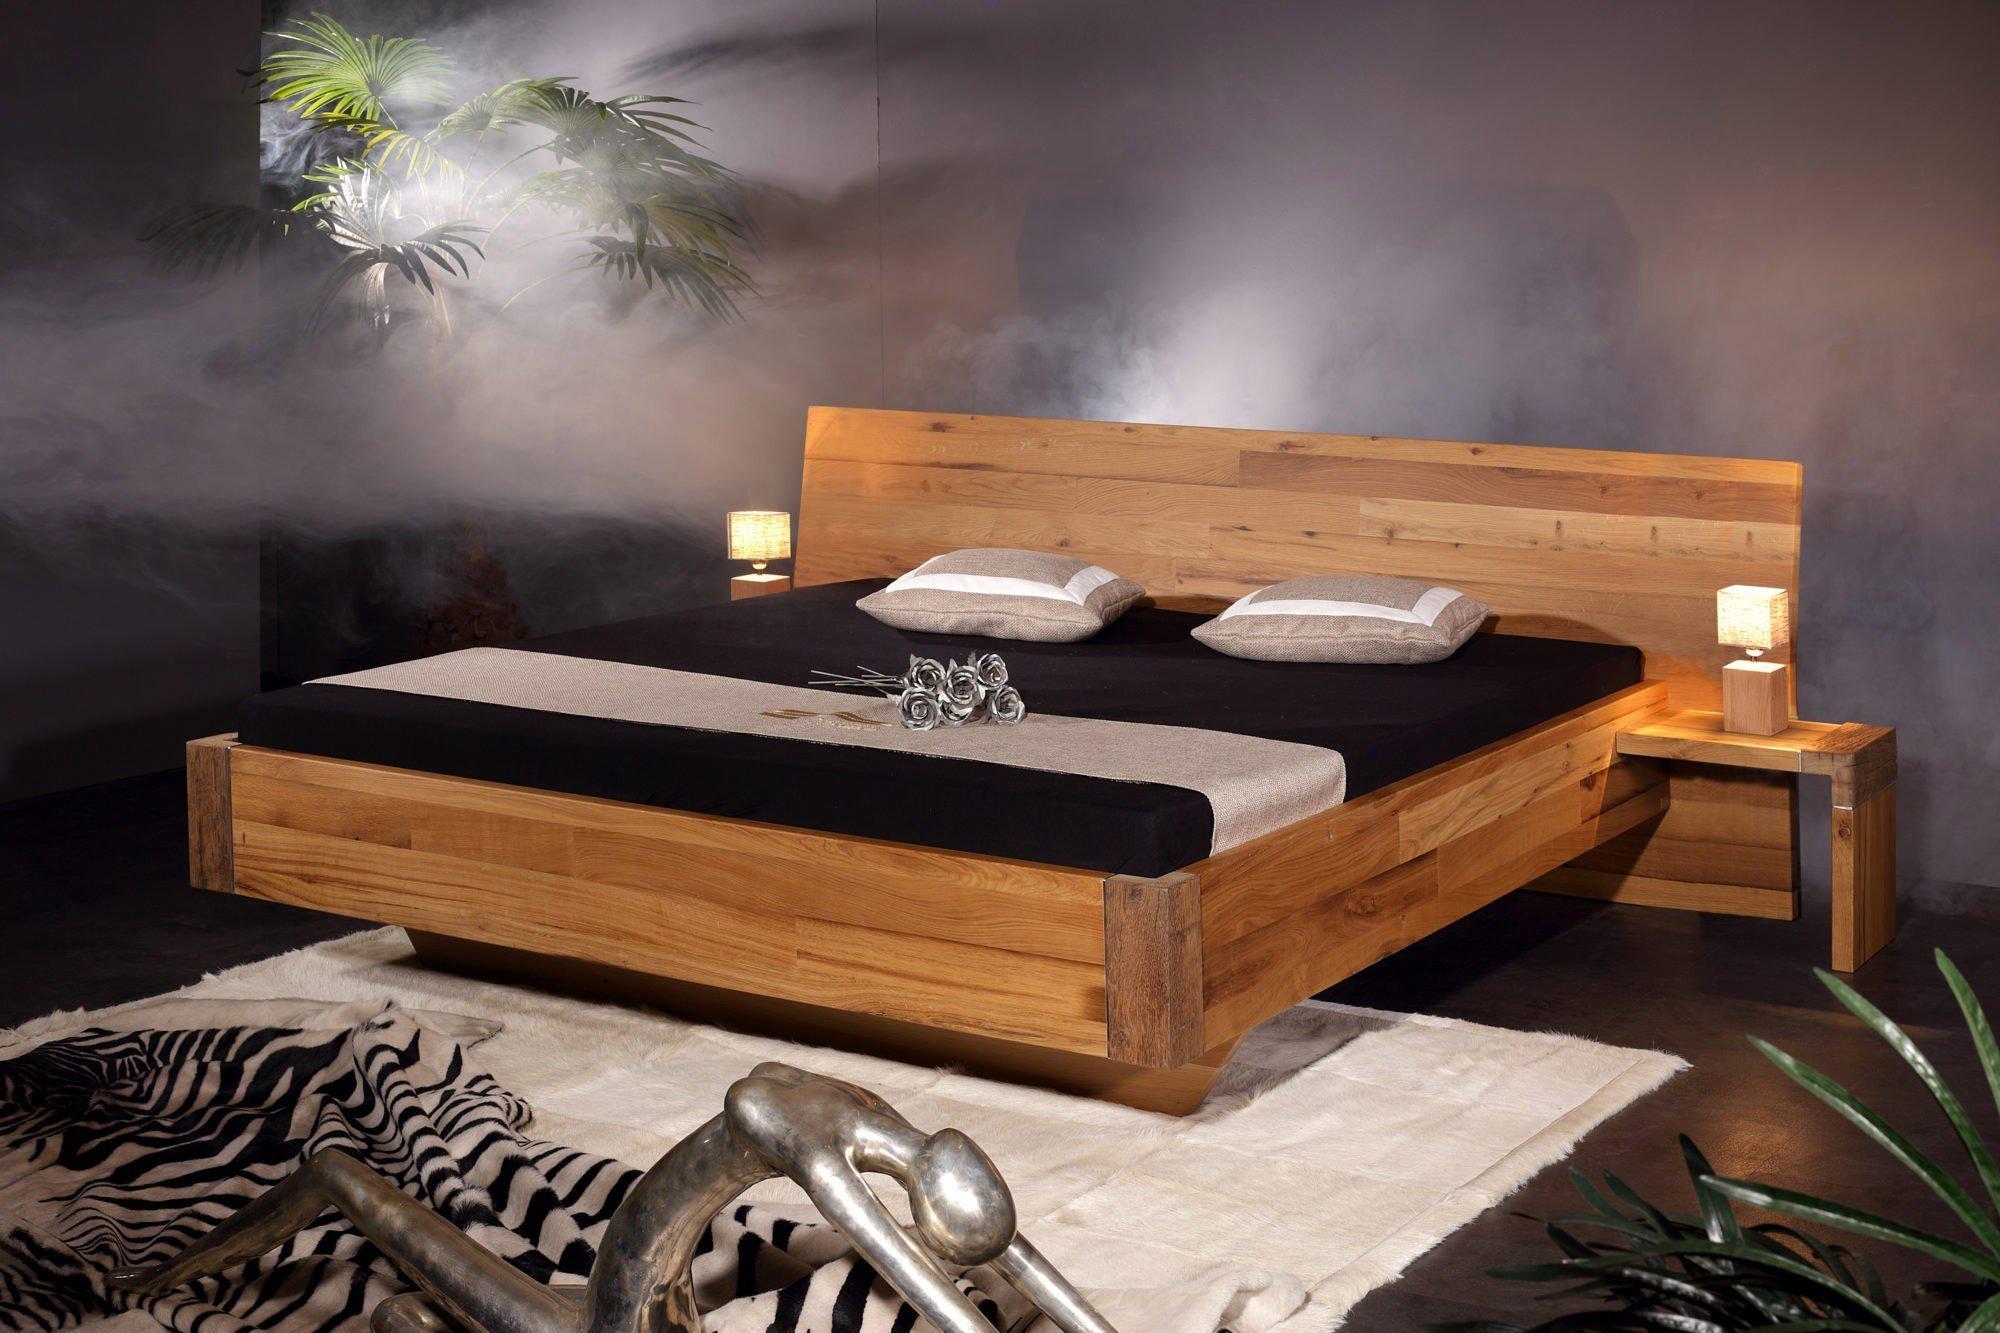 Full Size of Bett Antik Alpina Von Sprenger Mbel Eiche Letz Ihr Stapelbar Mit Aufbewahrung 140x200 Ohne Kopfteil Kaufen Günstig Kingsize Hülsta Betten Matratze Und Bett Bett Antik